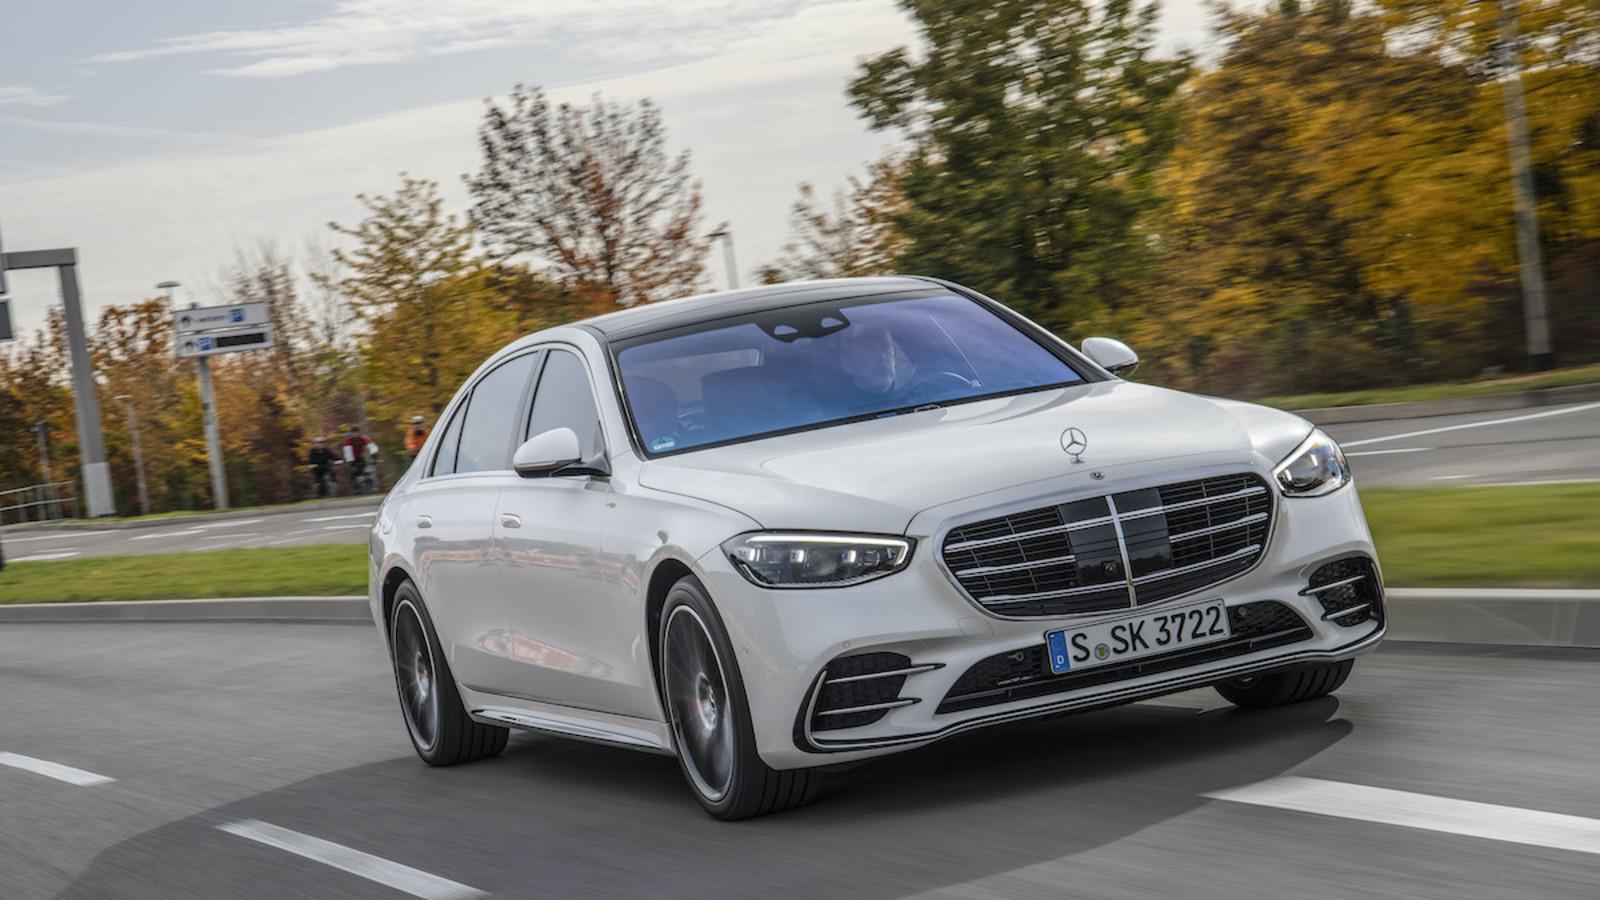 GQ testet die Mercedes-Benz S-Klasse.